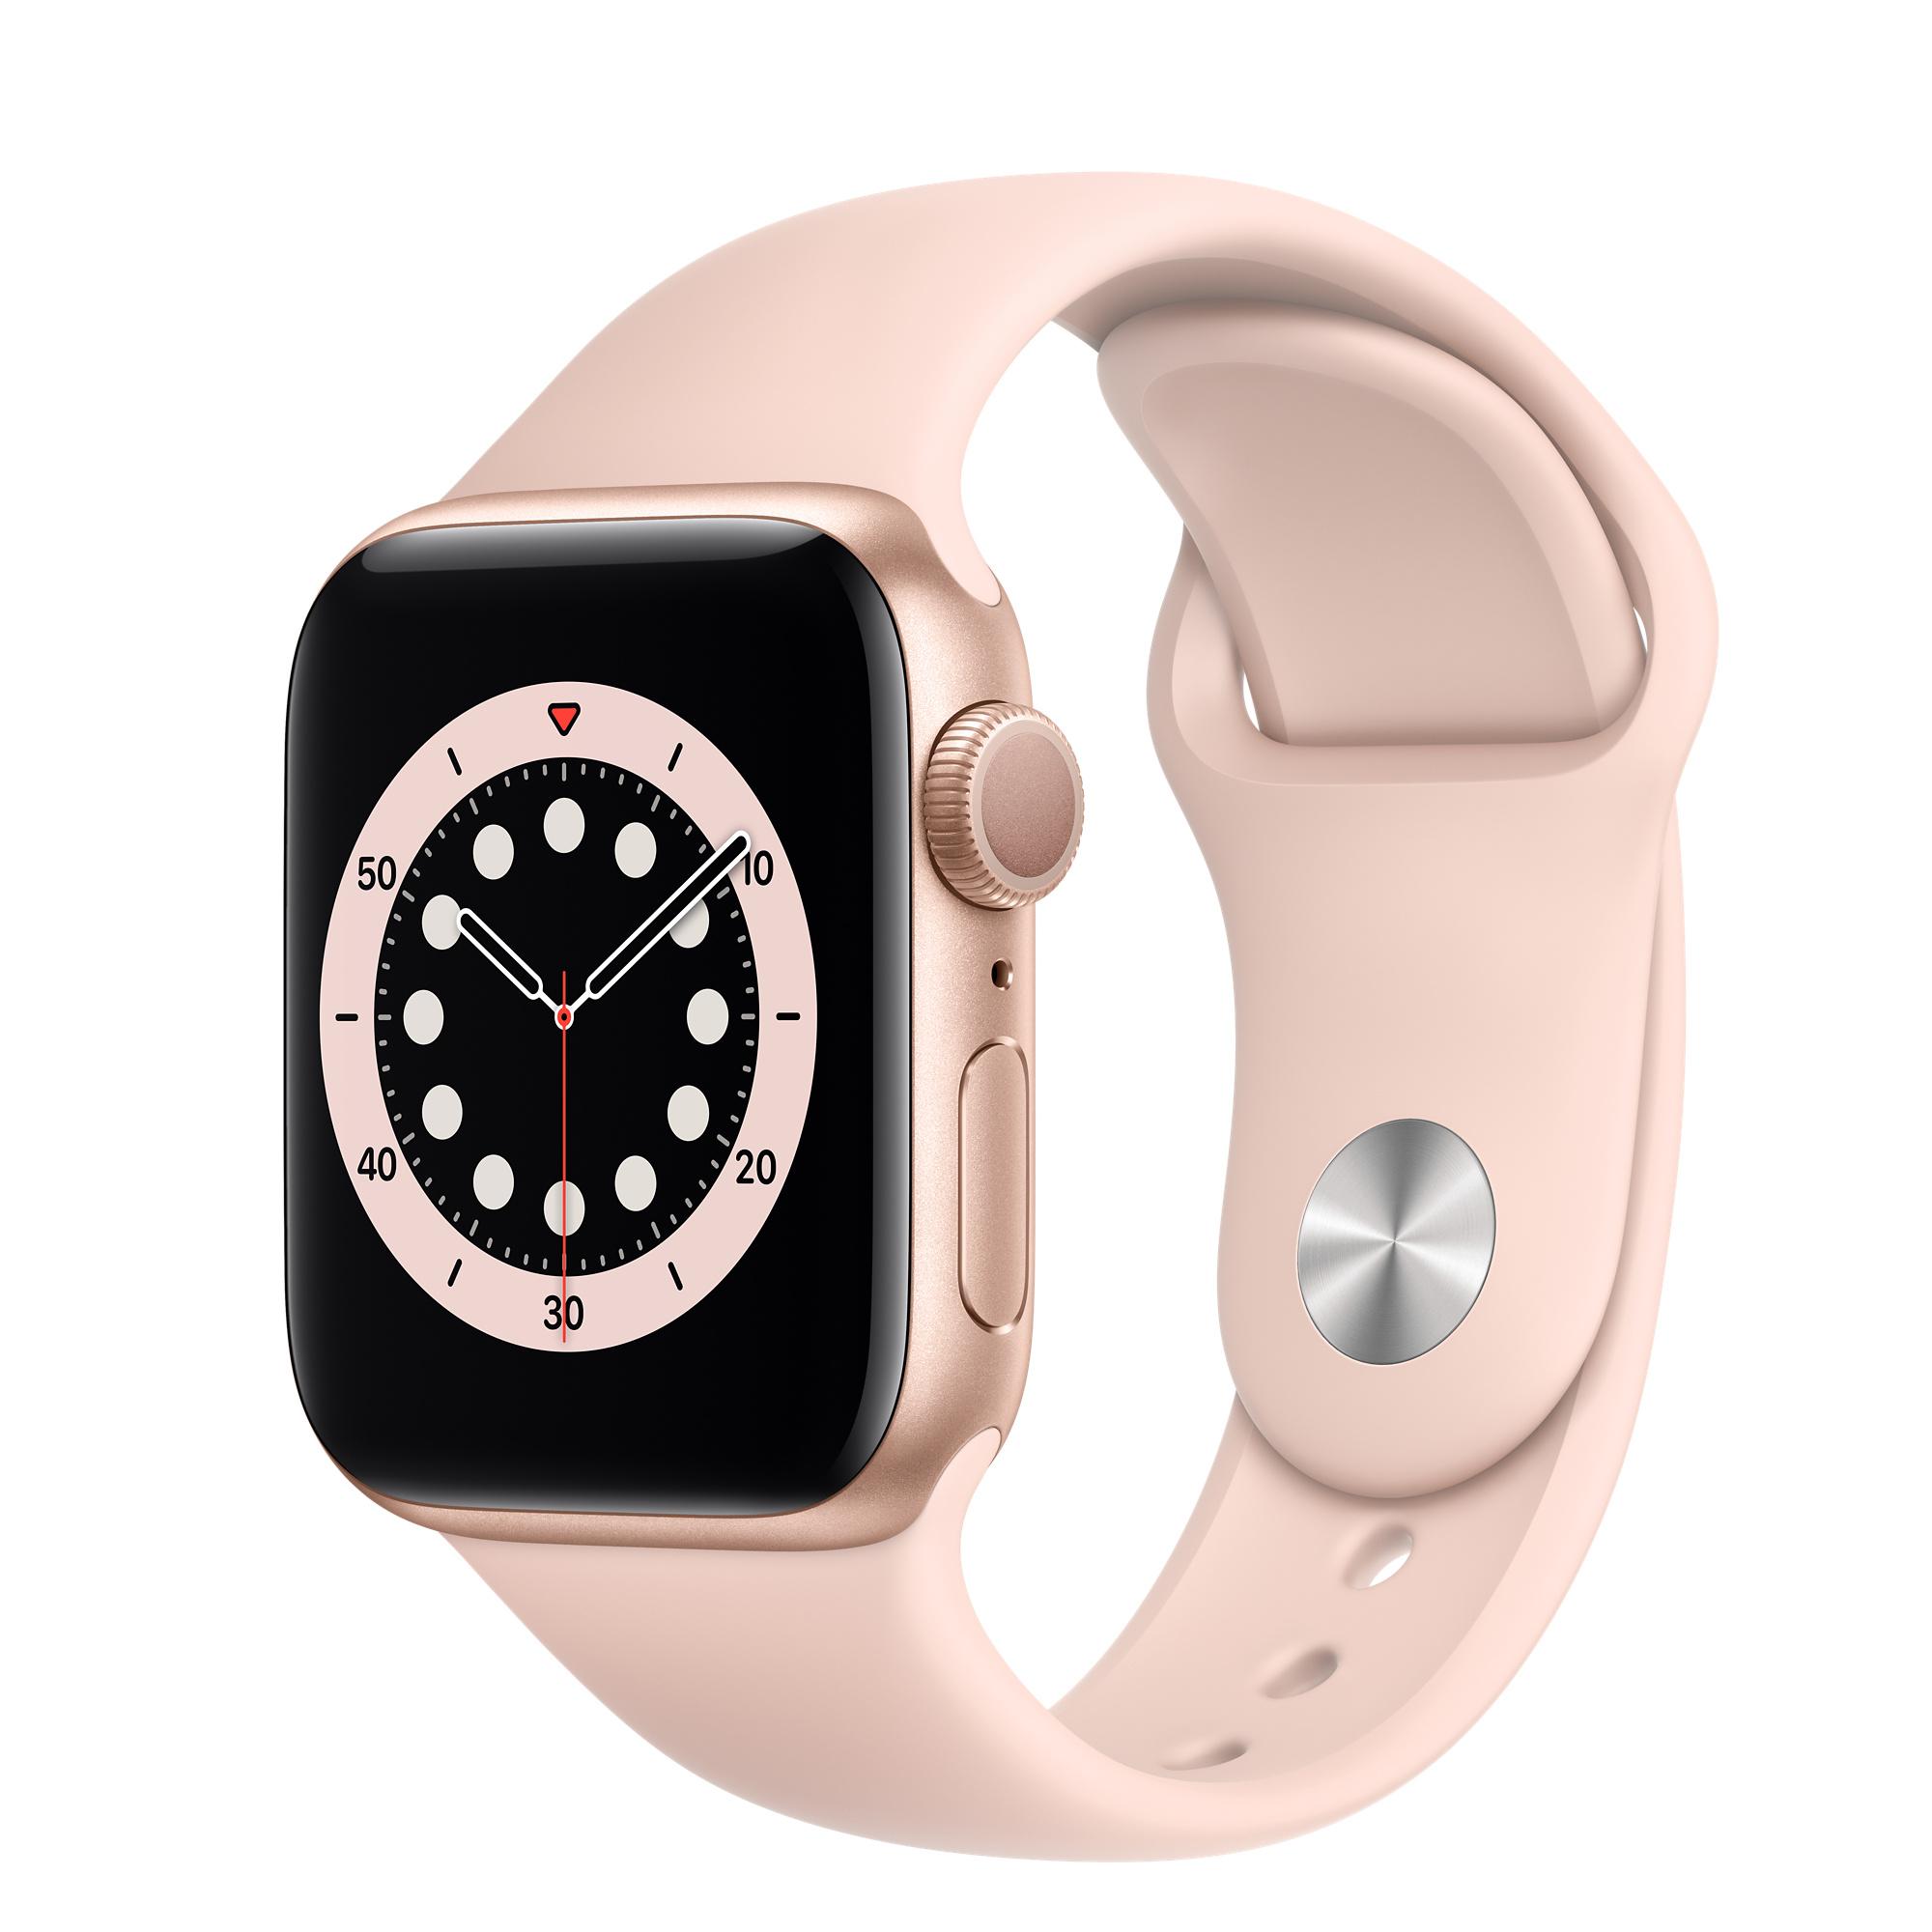 Apple iWatch, serie 6 disponible en línea y en tiendas de electrónicos.